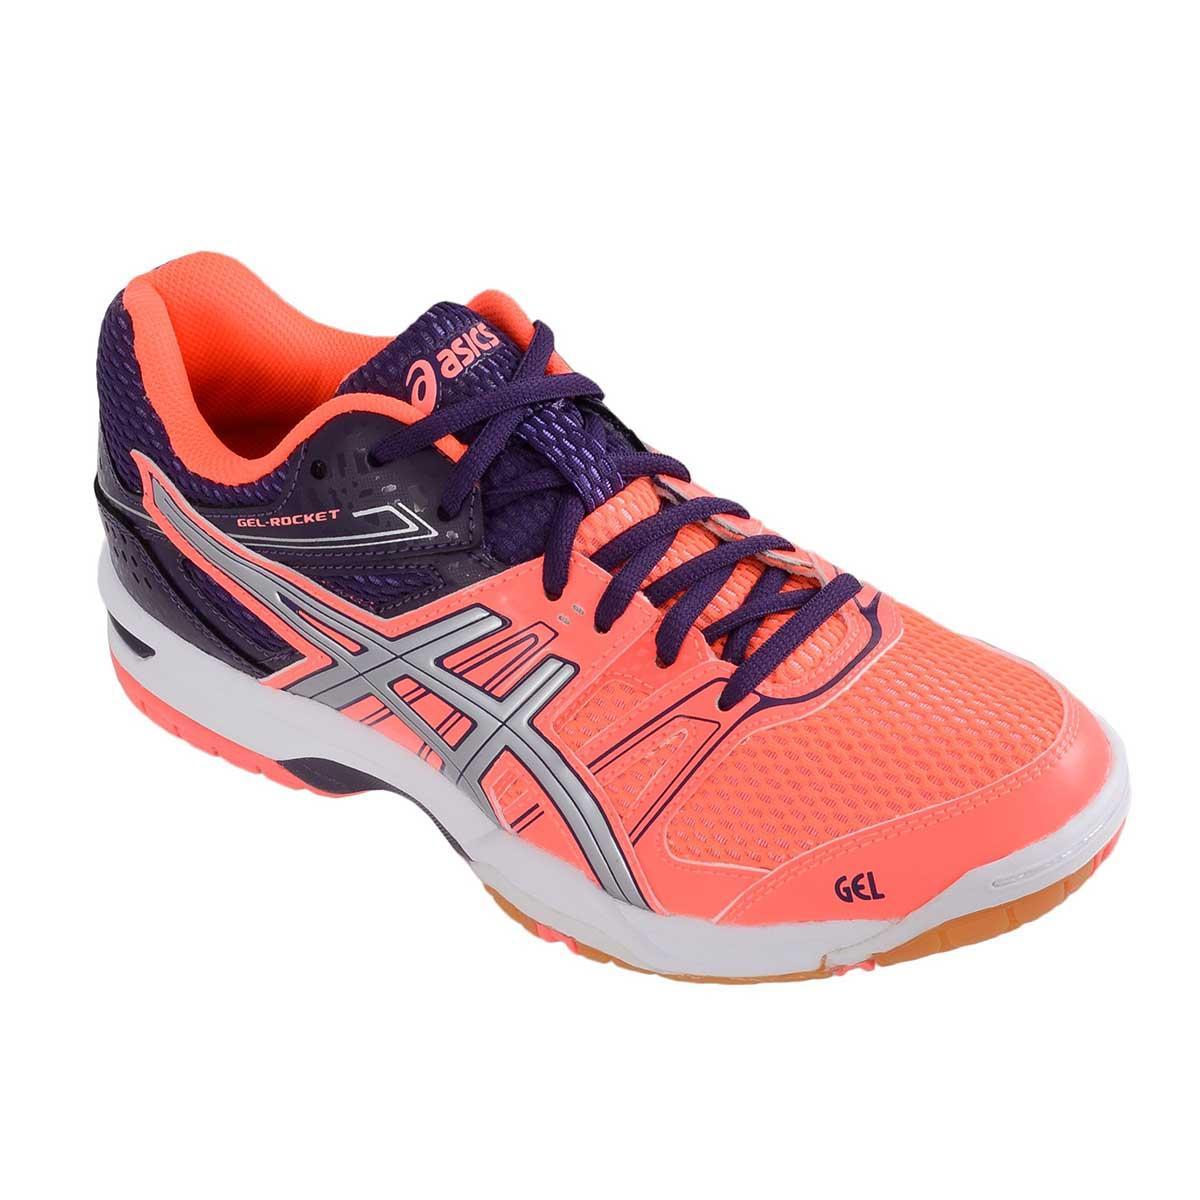 Buy Asics Gel Rocket 7 Womens Indoor Court Shoes Online India